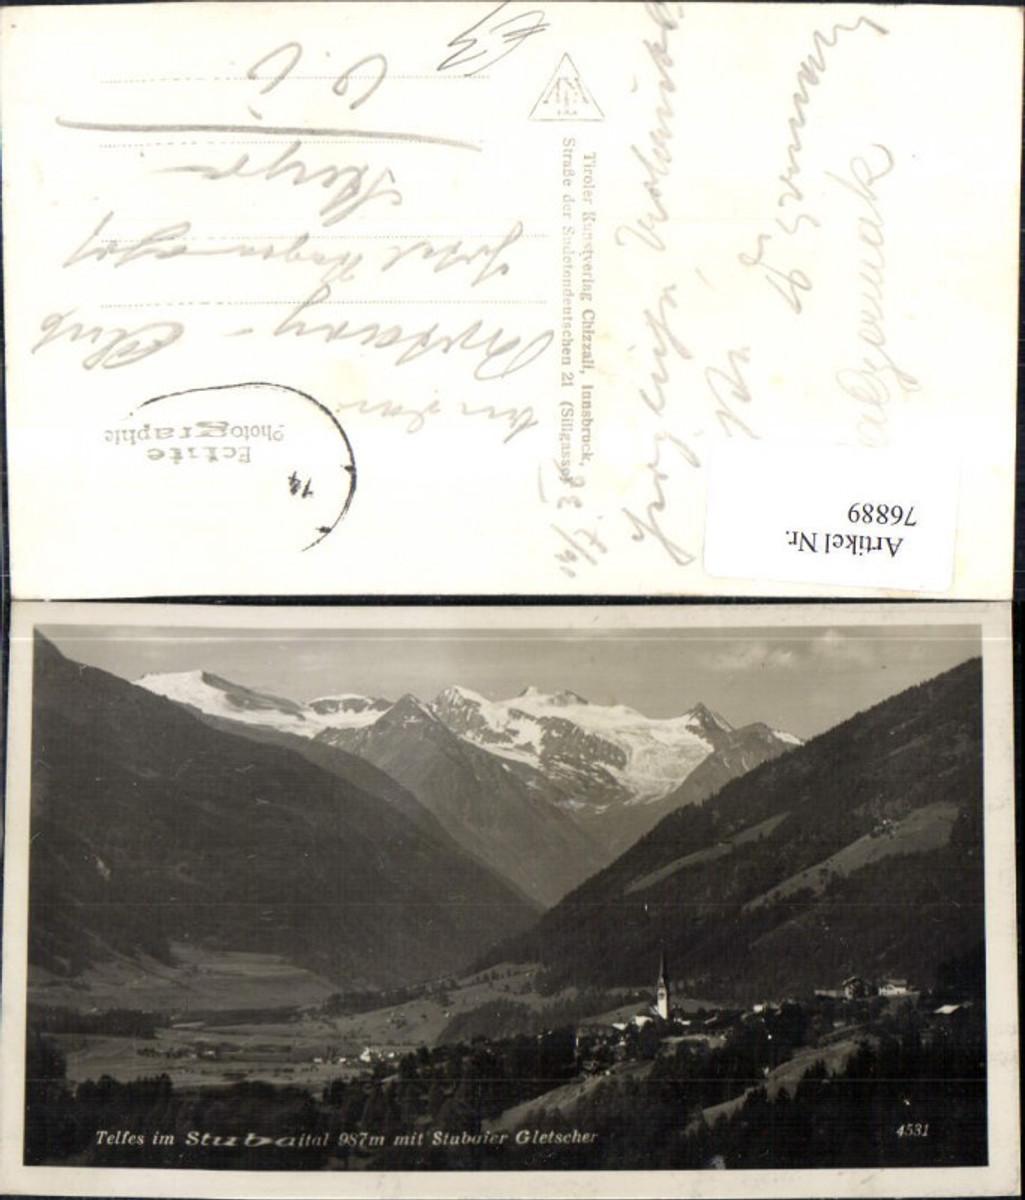 76889,Telfes im Stubaital m. Stubaier Gletscher 1936 günstig online kaufen